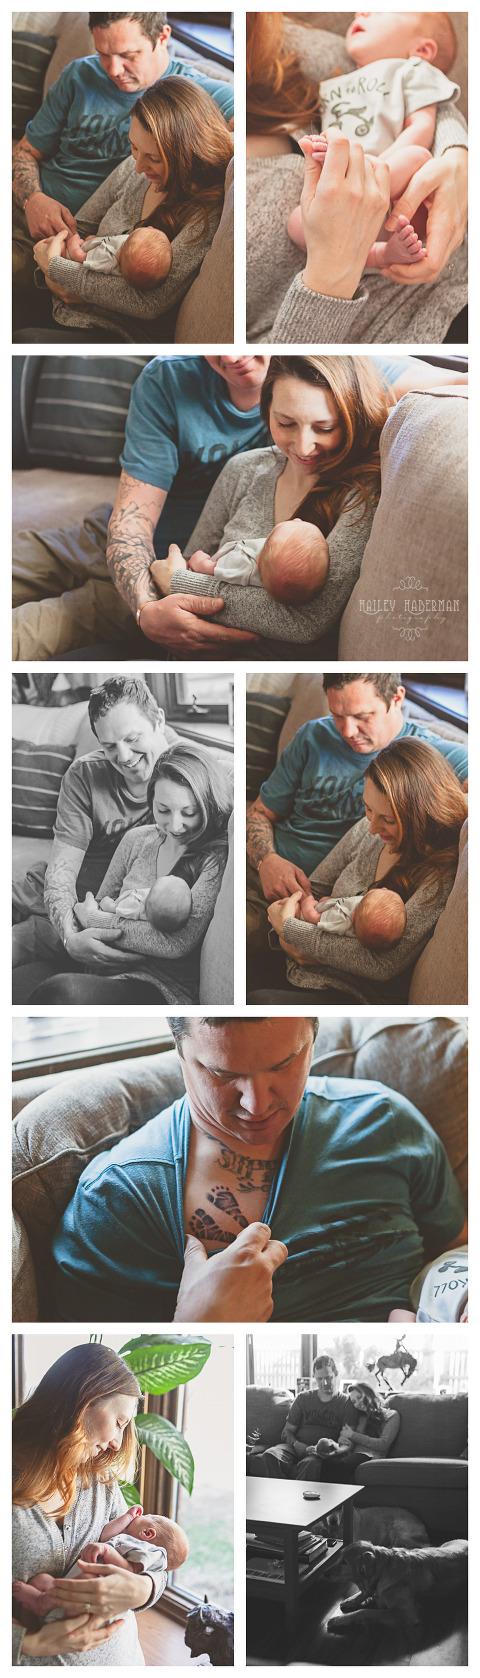 PNW Lifestyle Newborn Baby Wyatt by Hailey Haberman in Ellensburg WA